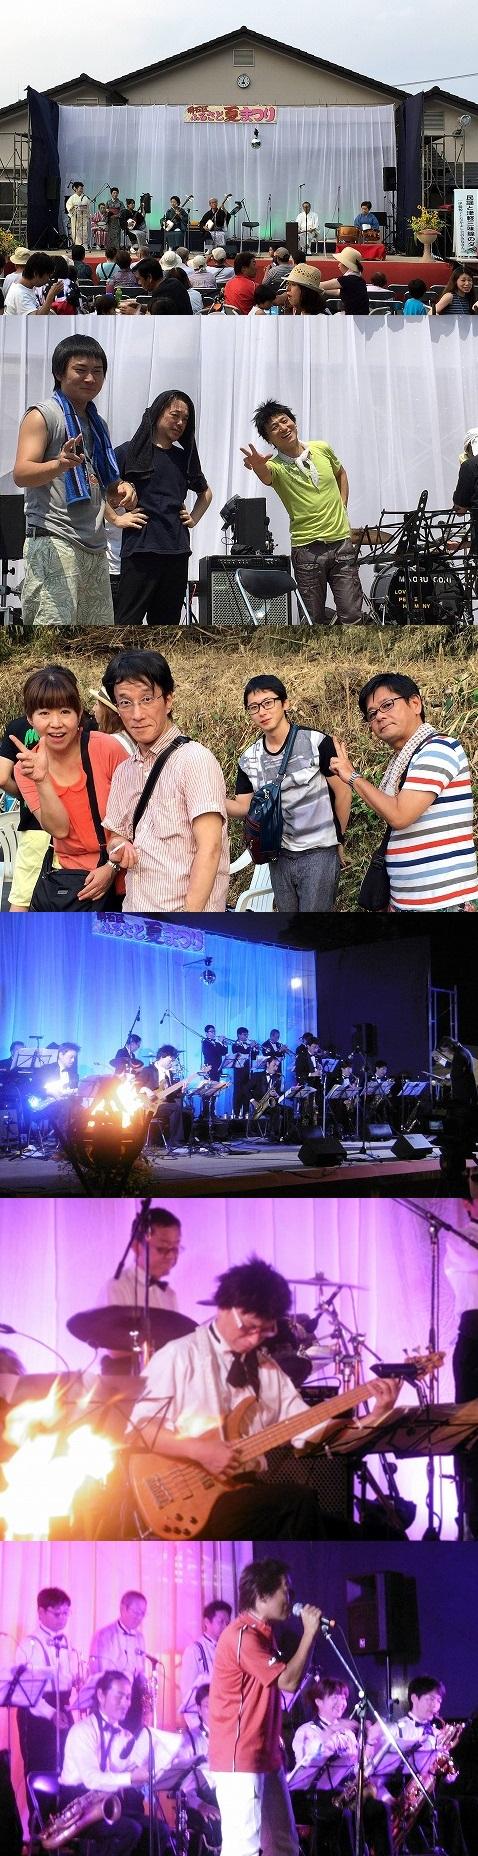 20150802与謝野町ビッグバンド